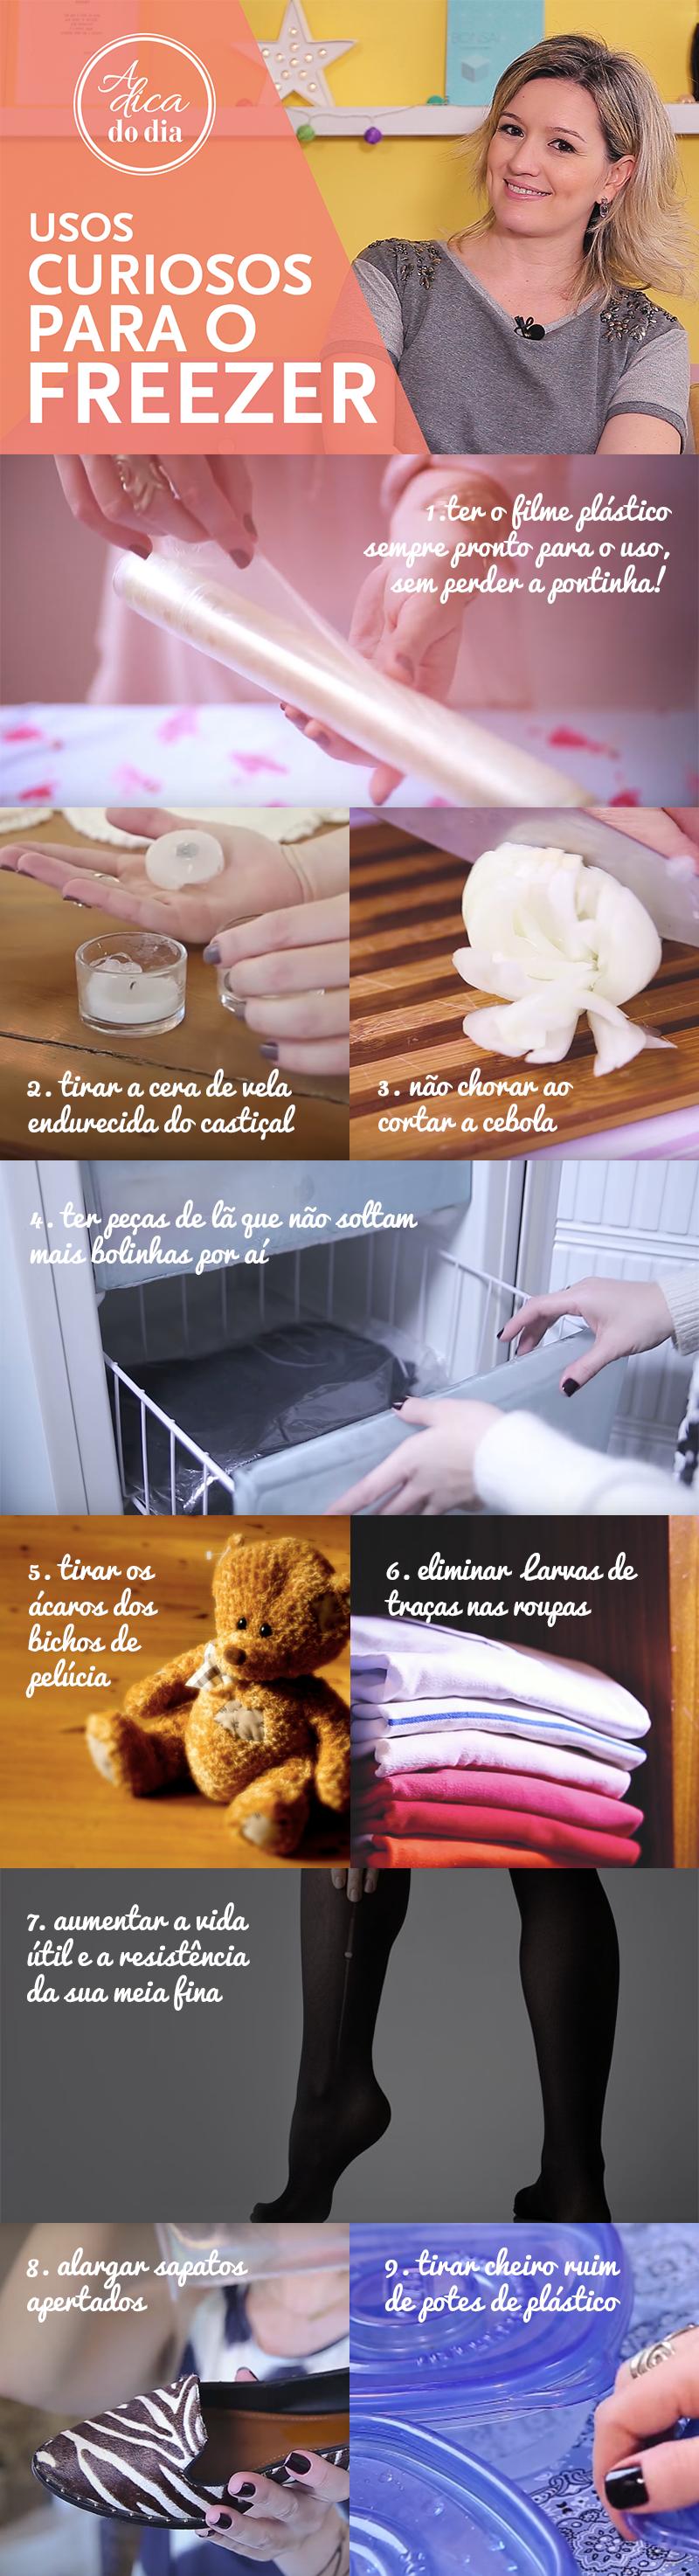 Dicas úteis para usar o freezer